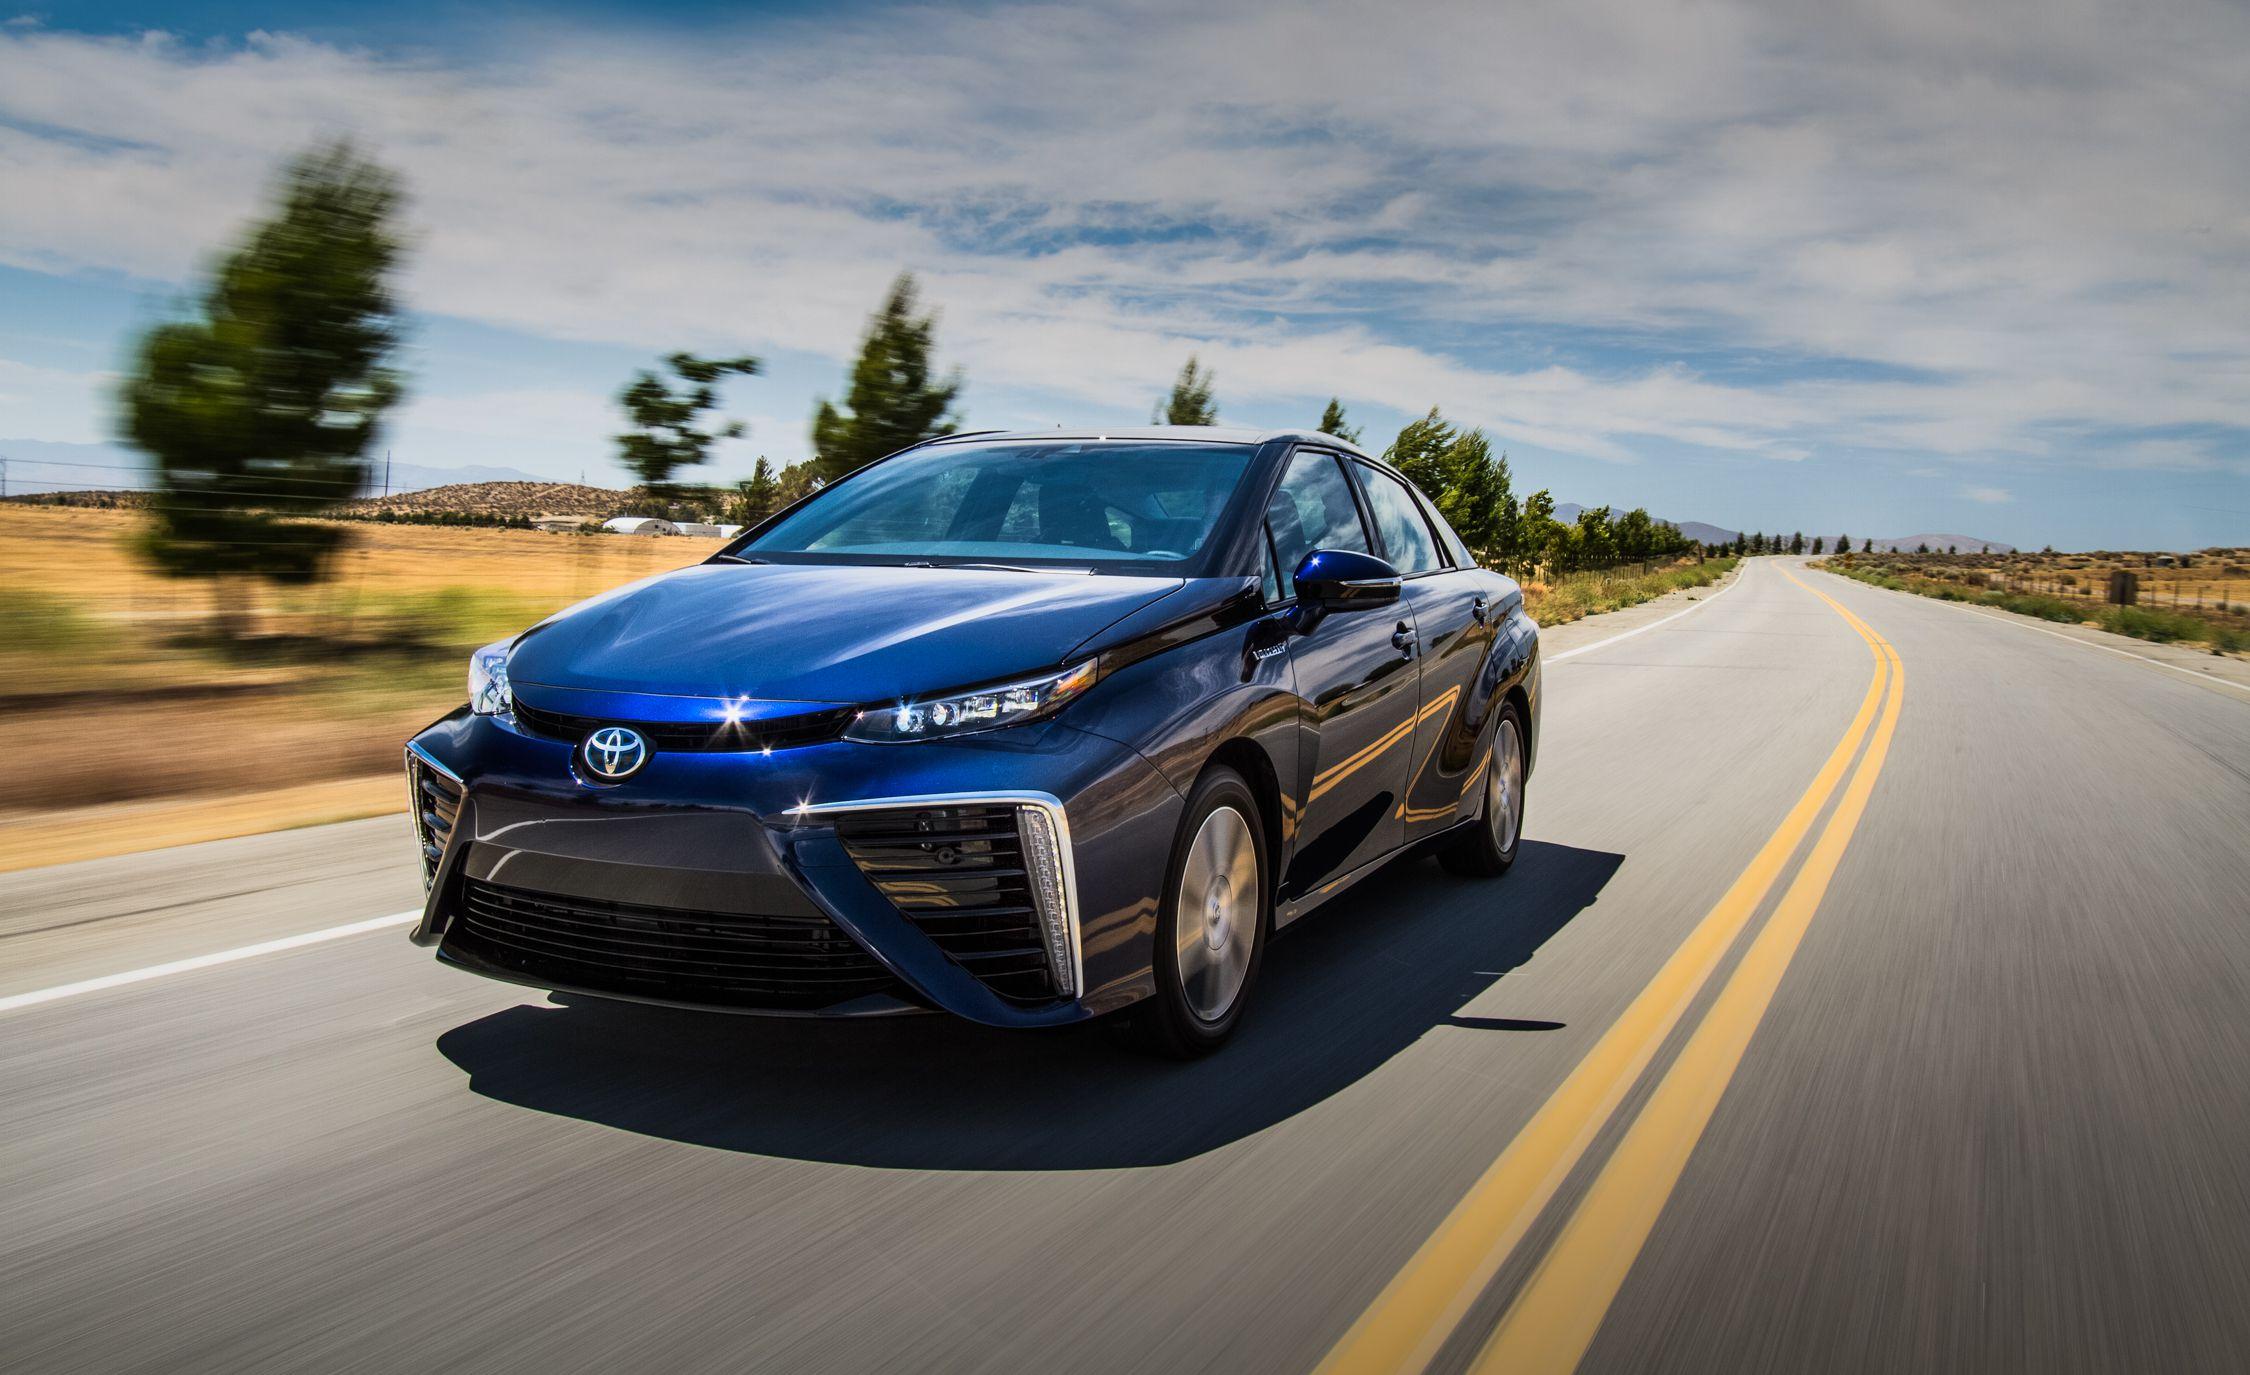 Mẫu concept xe Mirai chạy hydro của Toyota. Ảnh: Toyota.